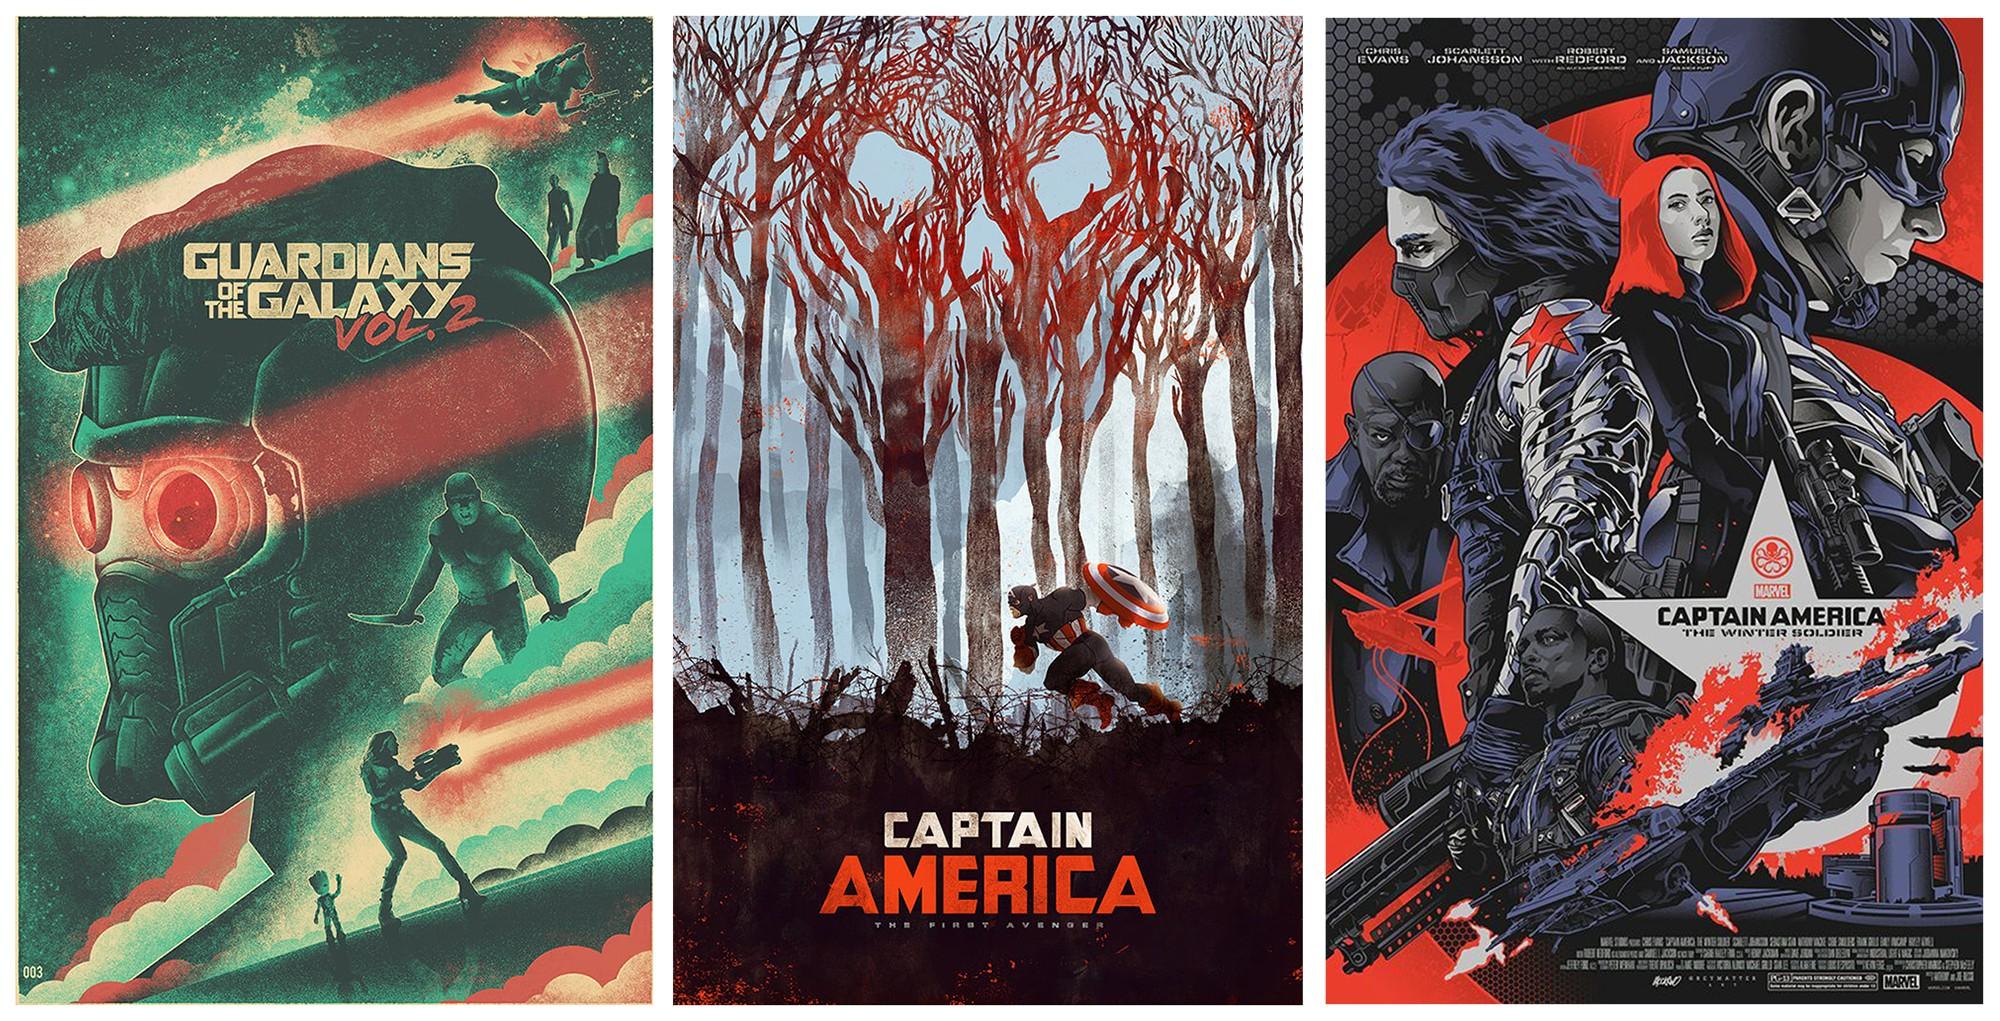 10 năm đi vào lịch sử làng điện ảnh của Marvel: Kỳ tích từ vực sâu phá sản cho đến người khổng lồ của đế chế phim siêu anh hùng - Ảnh 9.